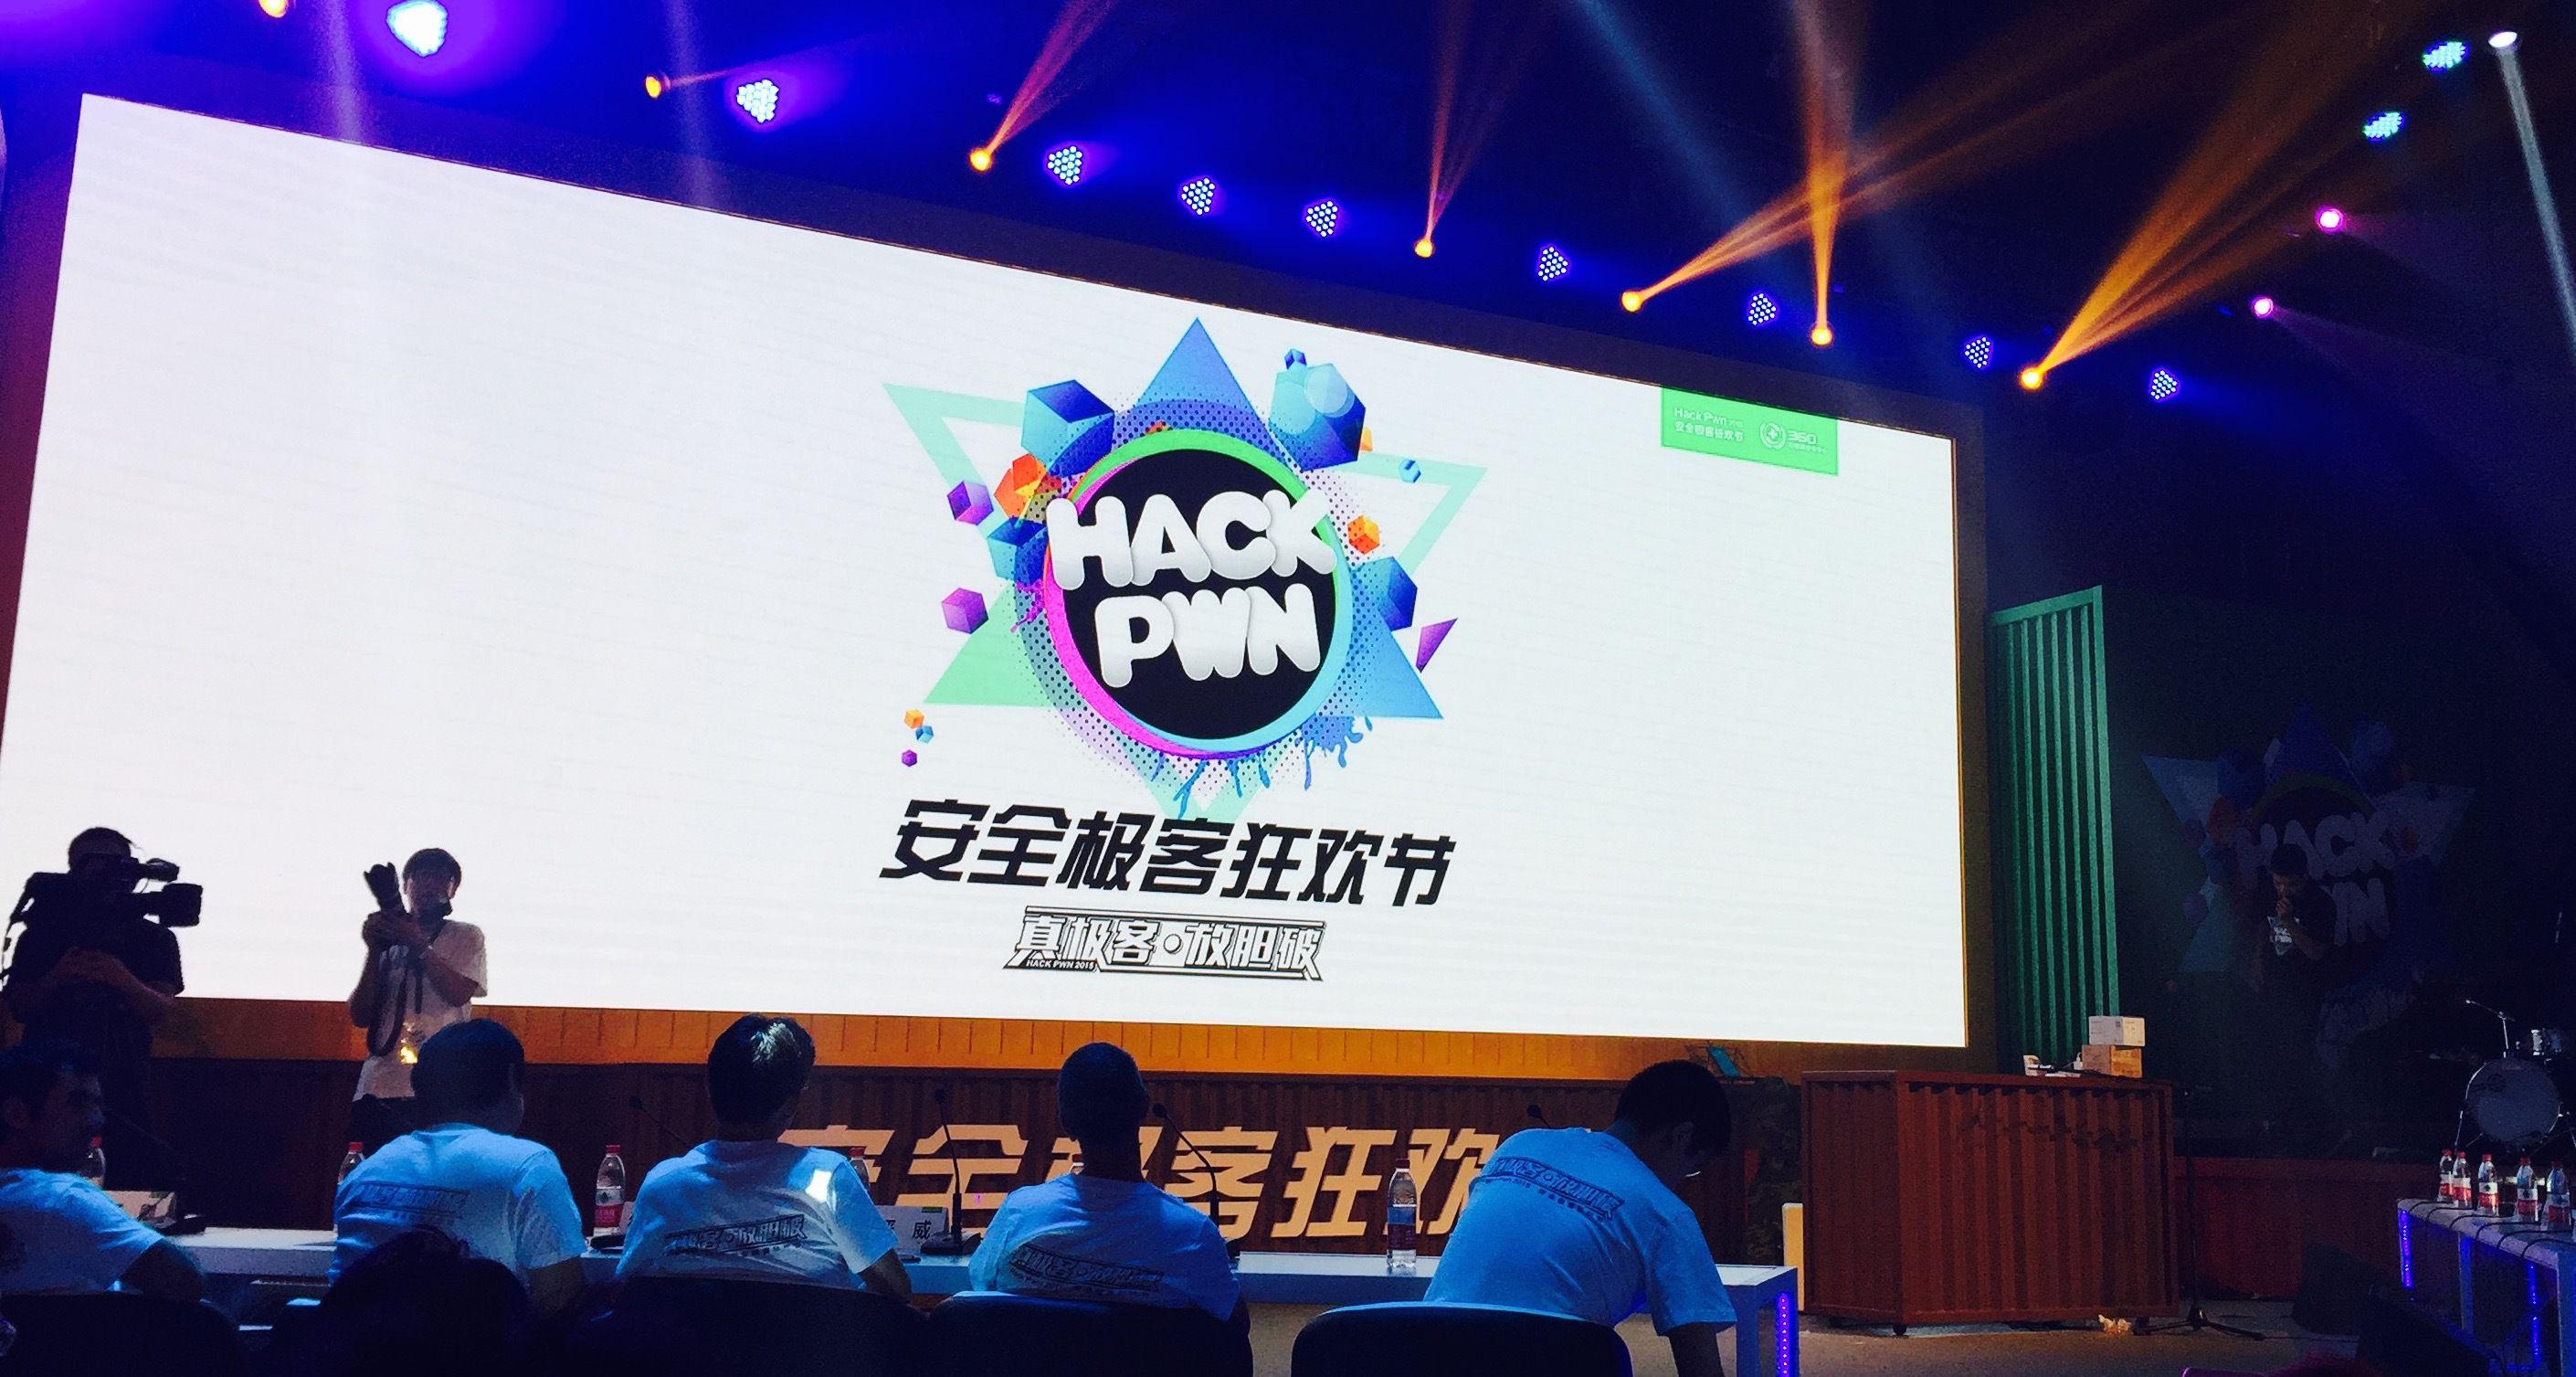 【极客现场】HackPwn2015:一切智能硬件皆可破解